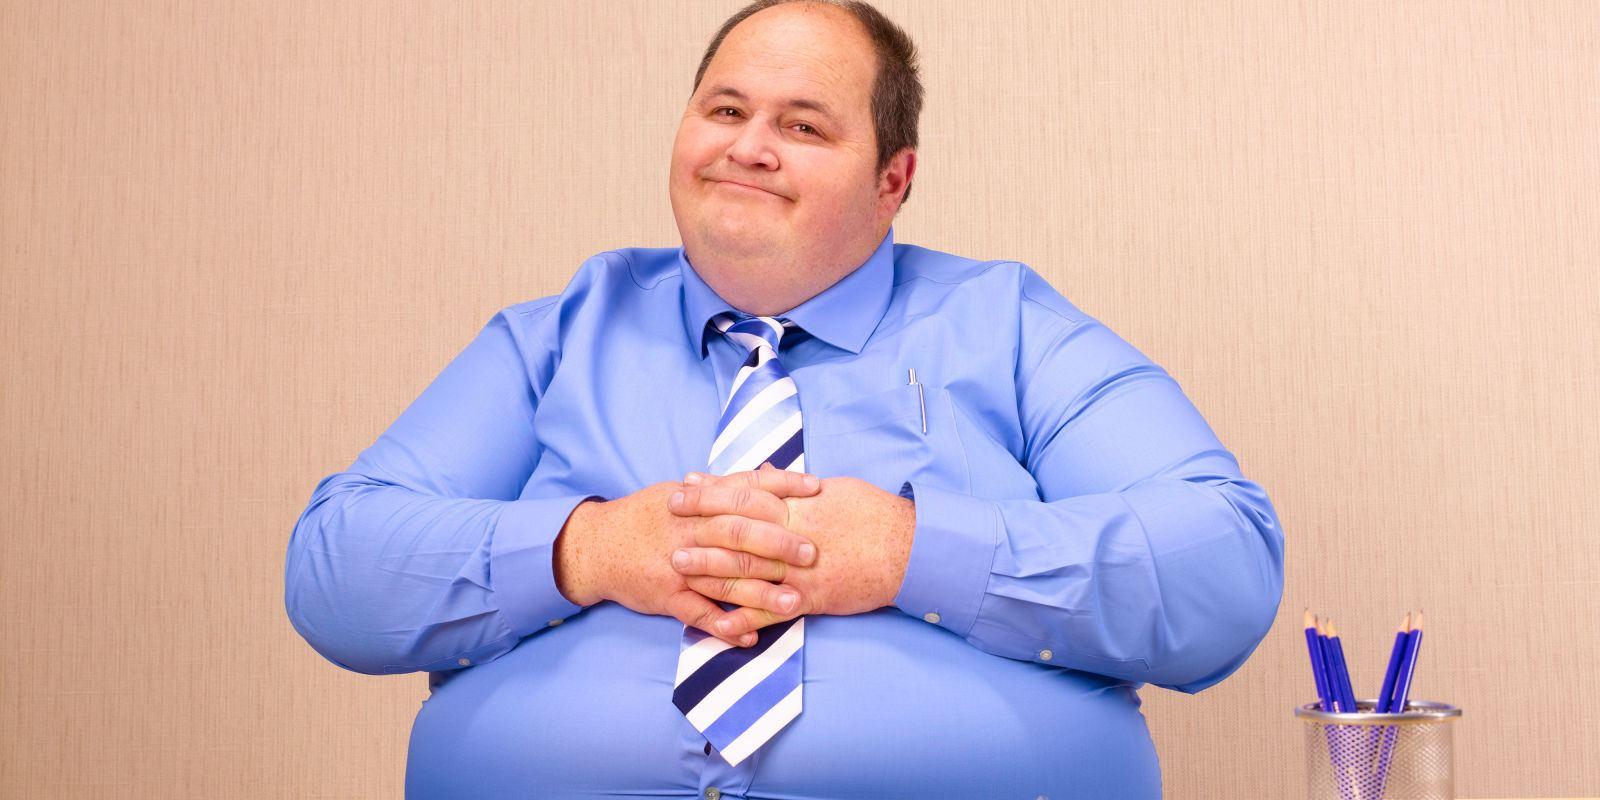 Resultado de imagen para gordos